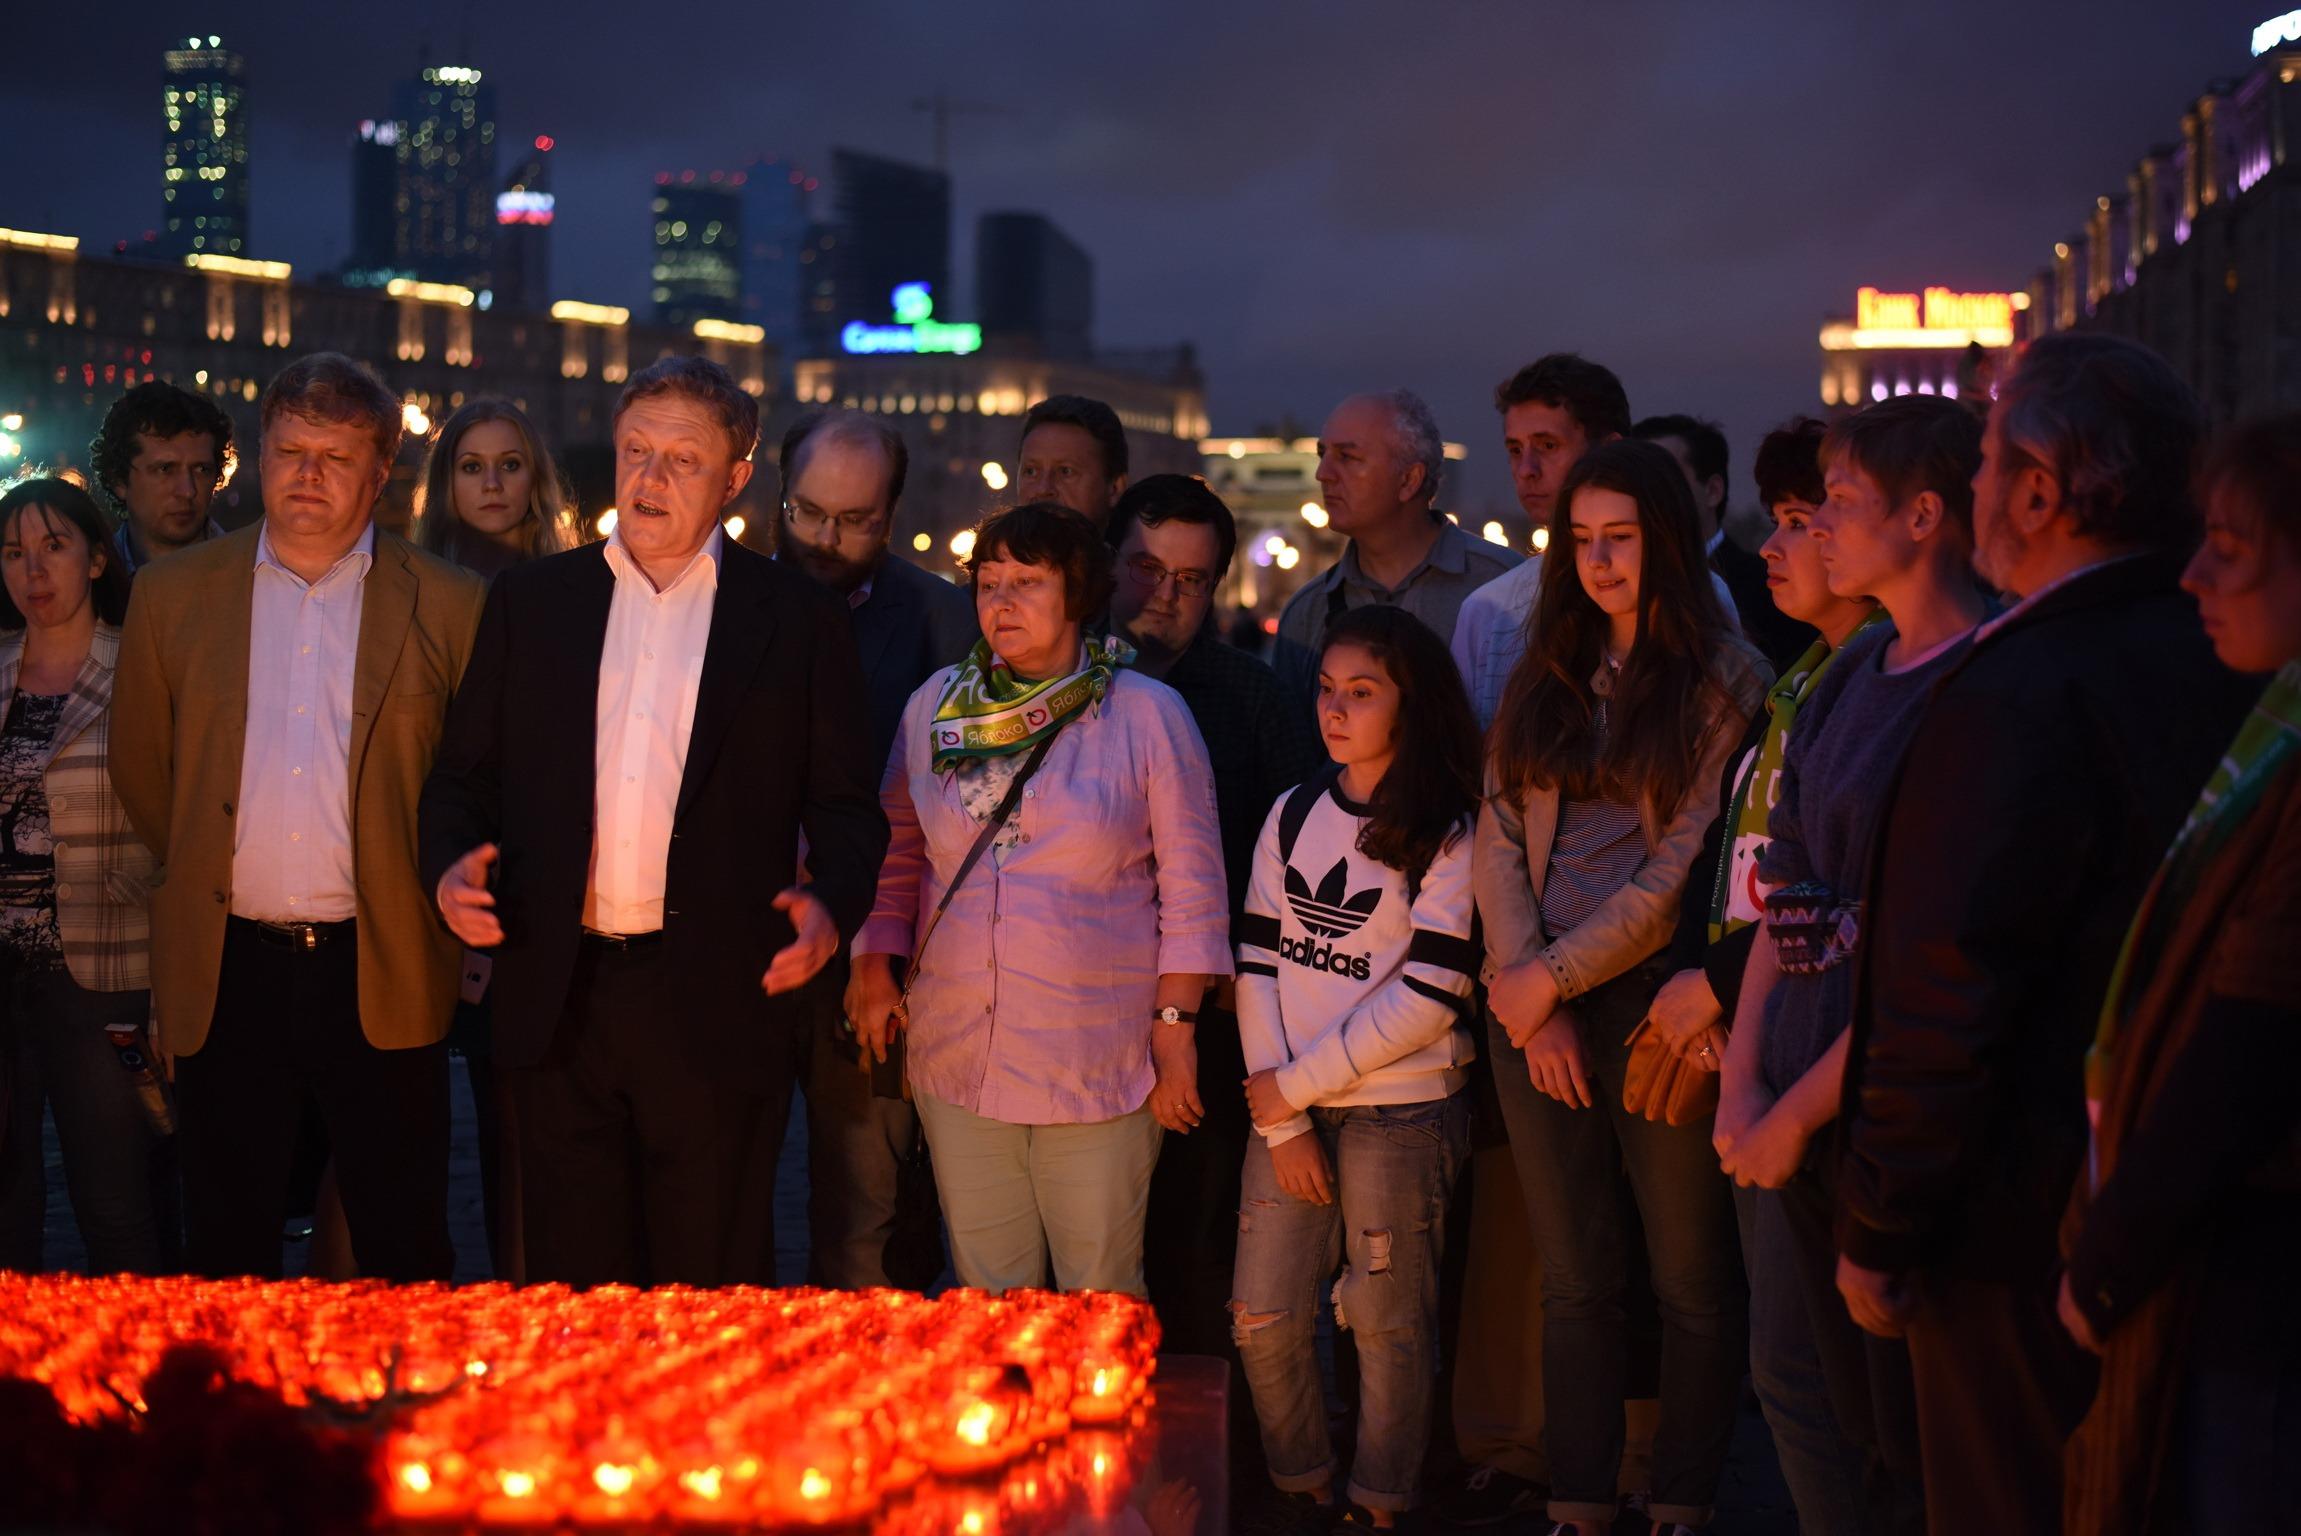 Акция 1418 свечей за каждый день войны. 21 июня 2015 года